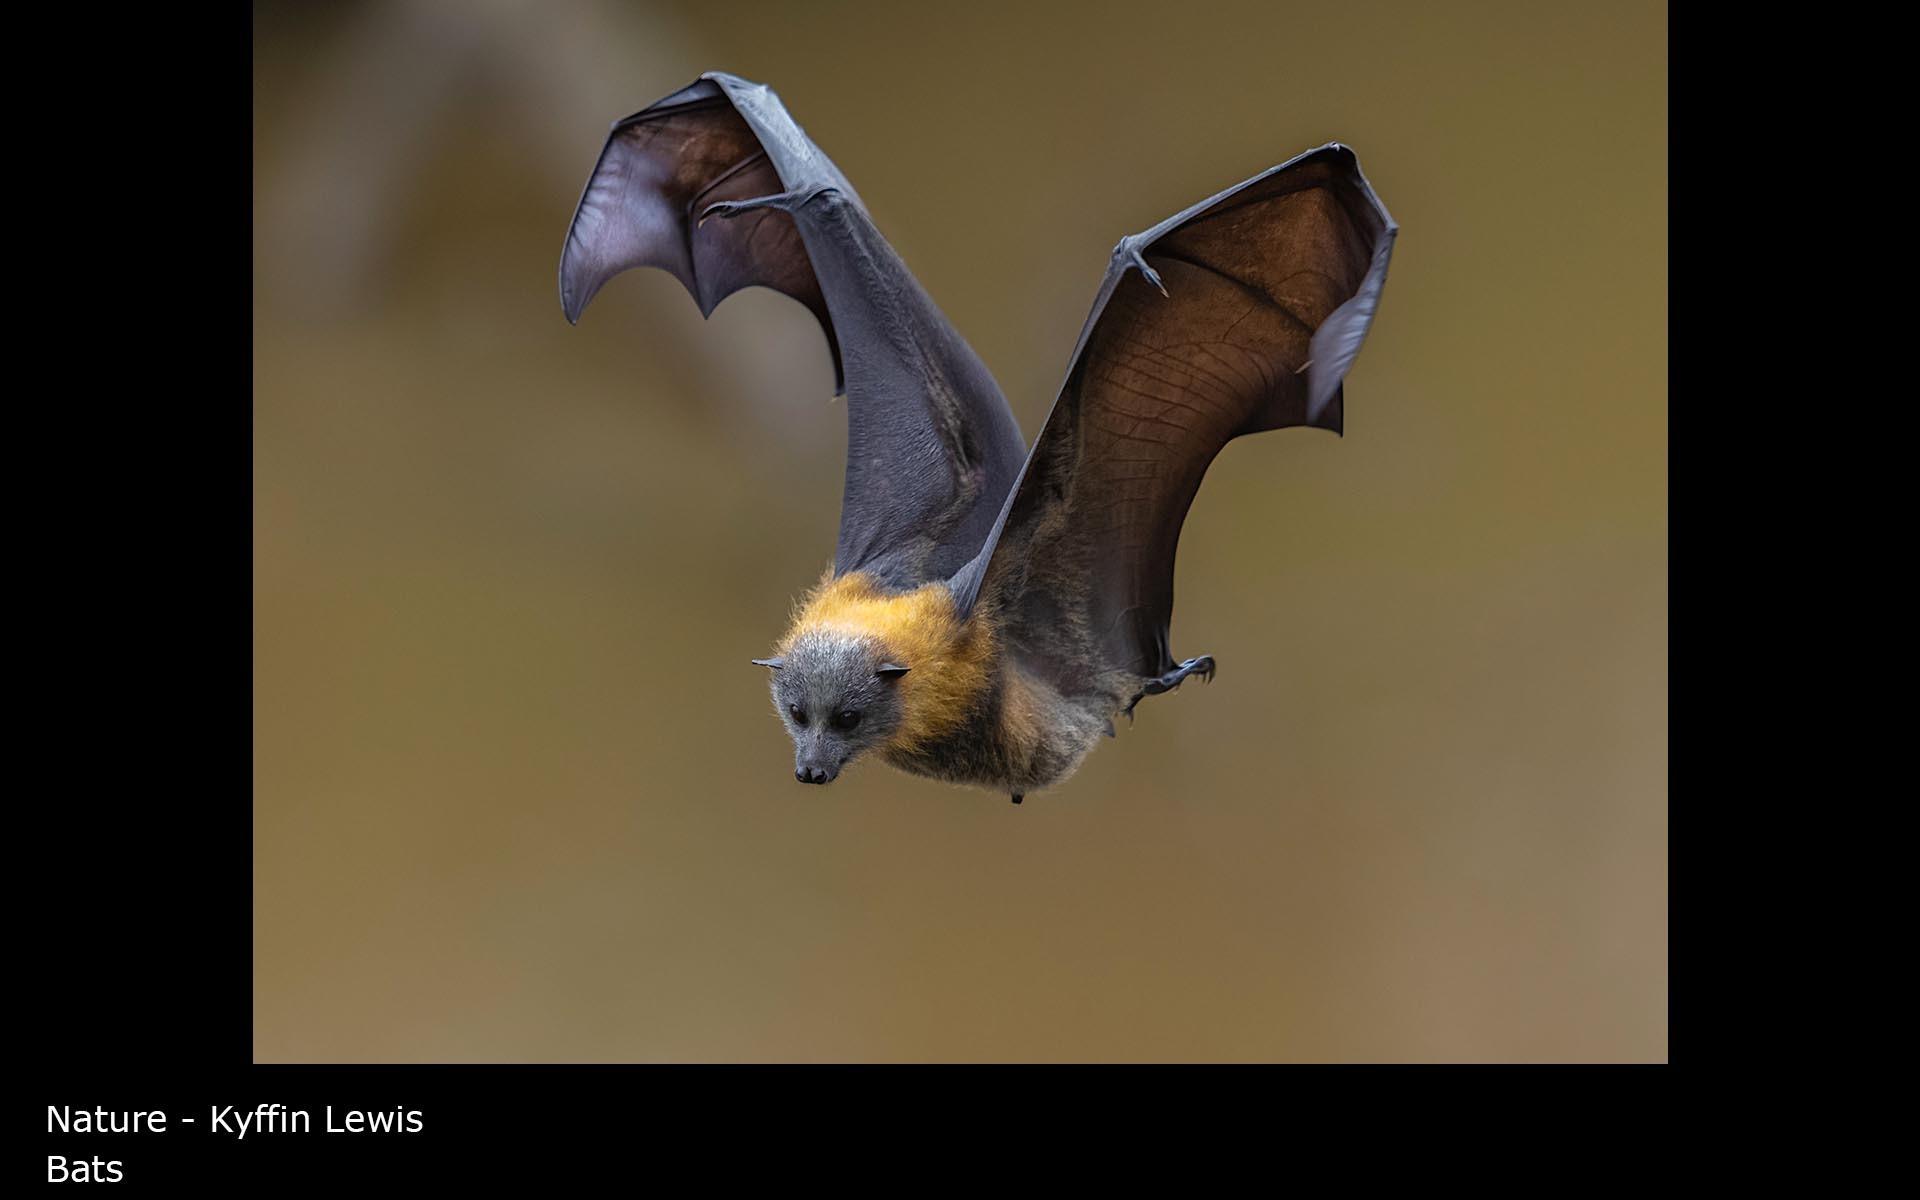 Bats - Kyffin Lewis